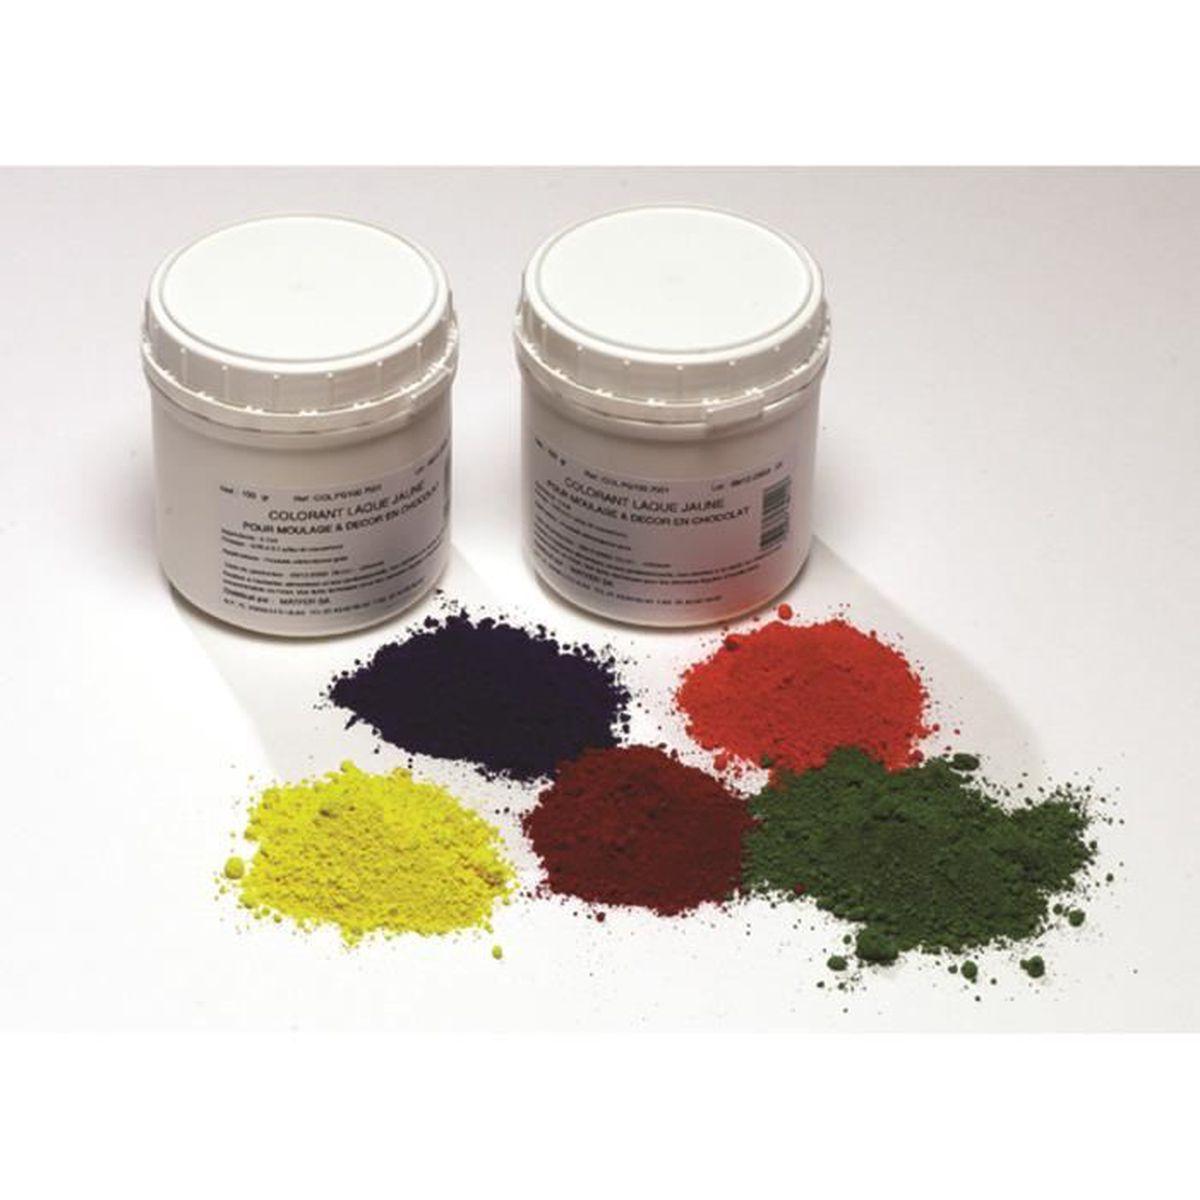 colorant professionnel laqu alimentaire poudre liposoluble colorant rouge - Colorant Rouge Alimentaire